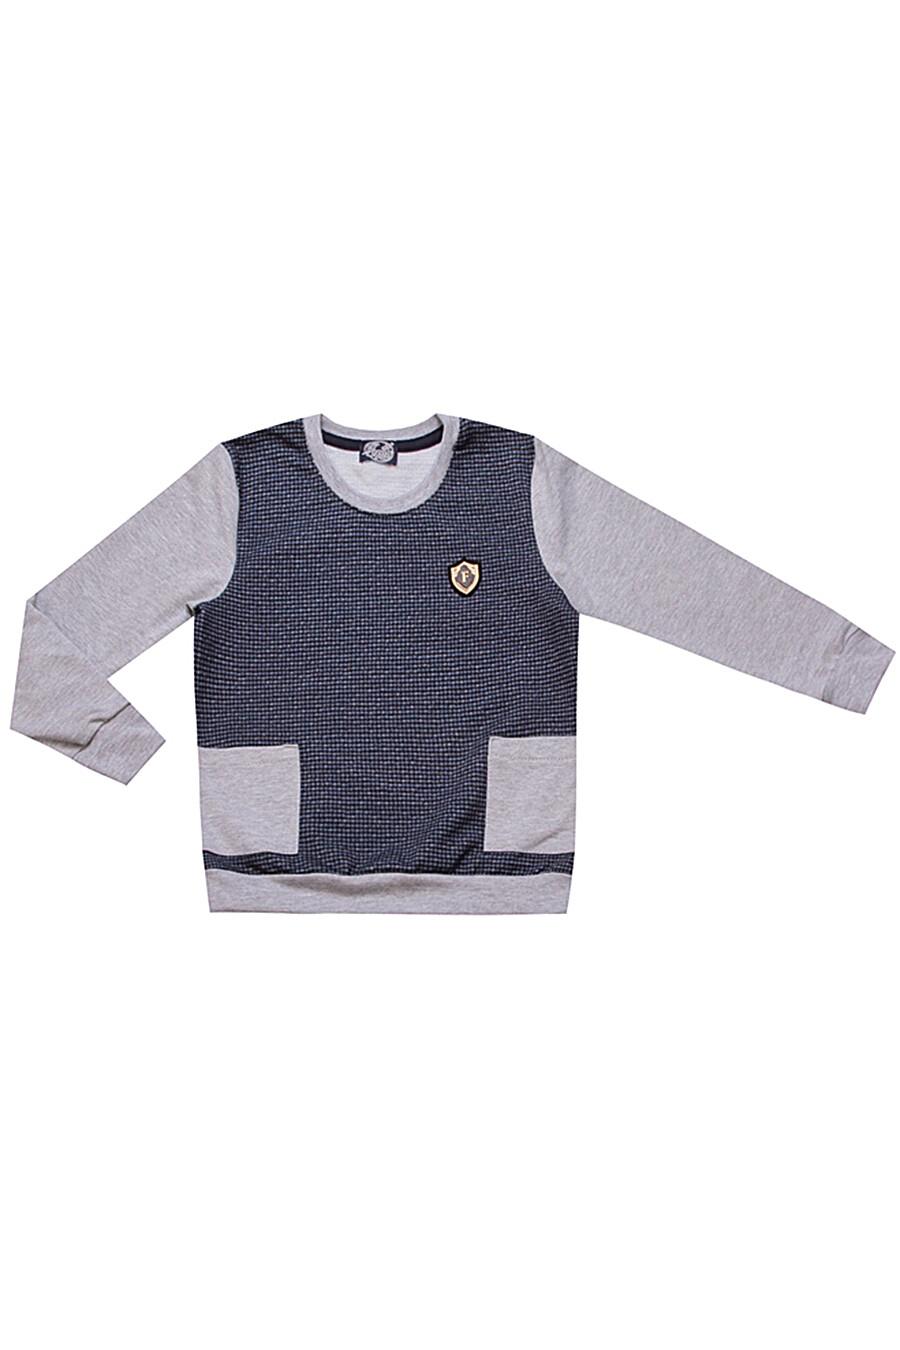 Свитшот  для мальчиков АПРЕЛЬ 699902 купить оптом от производителя. Совместная покупка детской одежды в OptMoyo